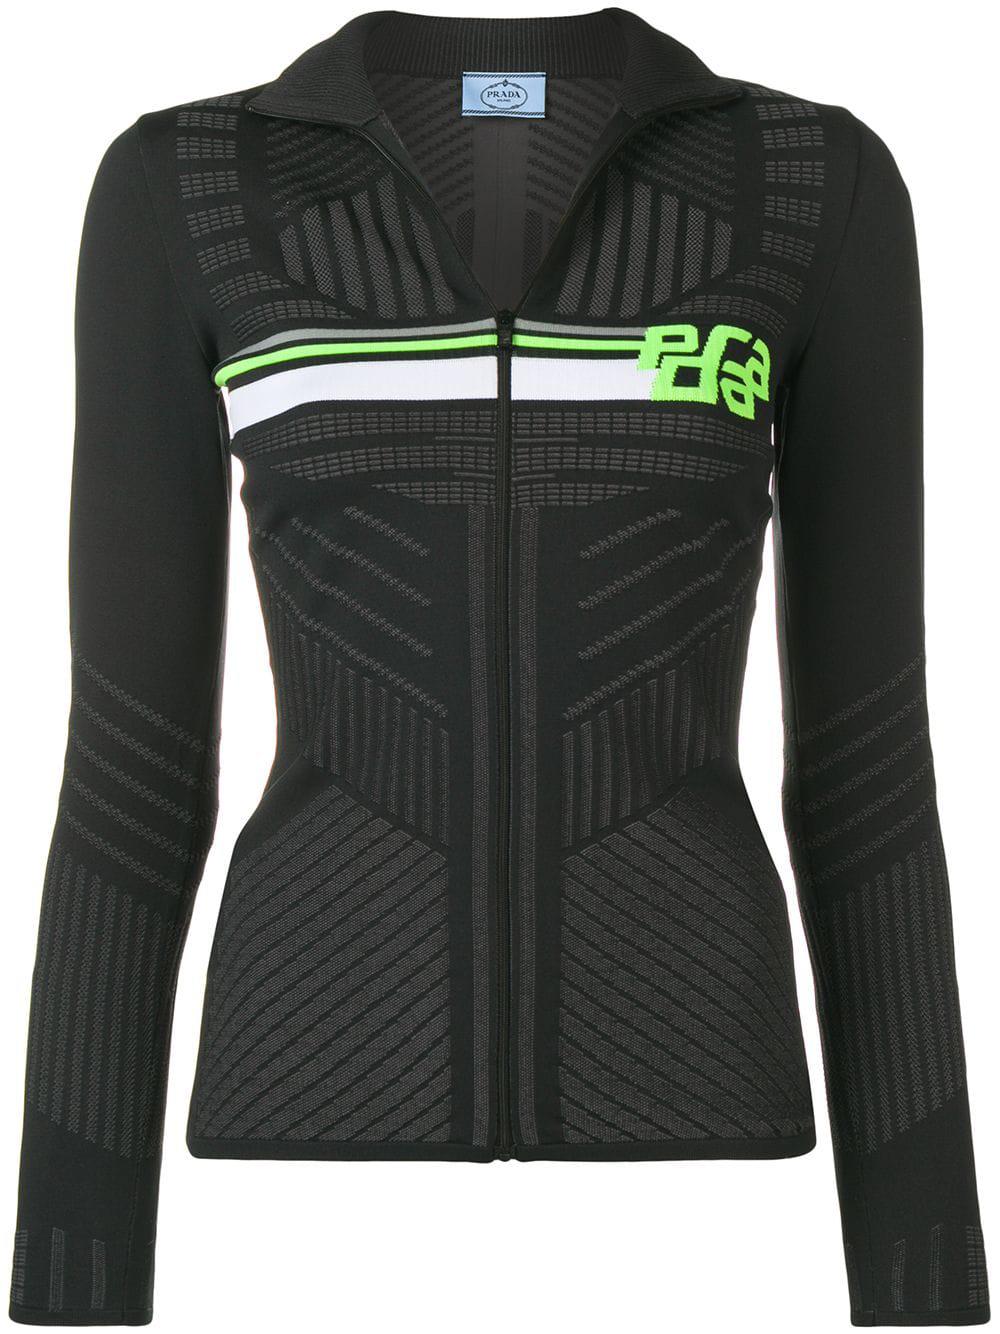 088e7113bed3 Prada Logo Intarsia Stretch Zip-Up Sweater In Black